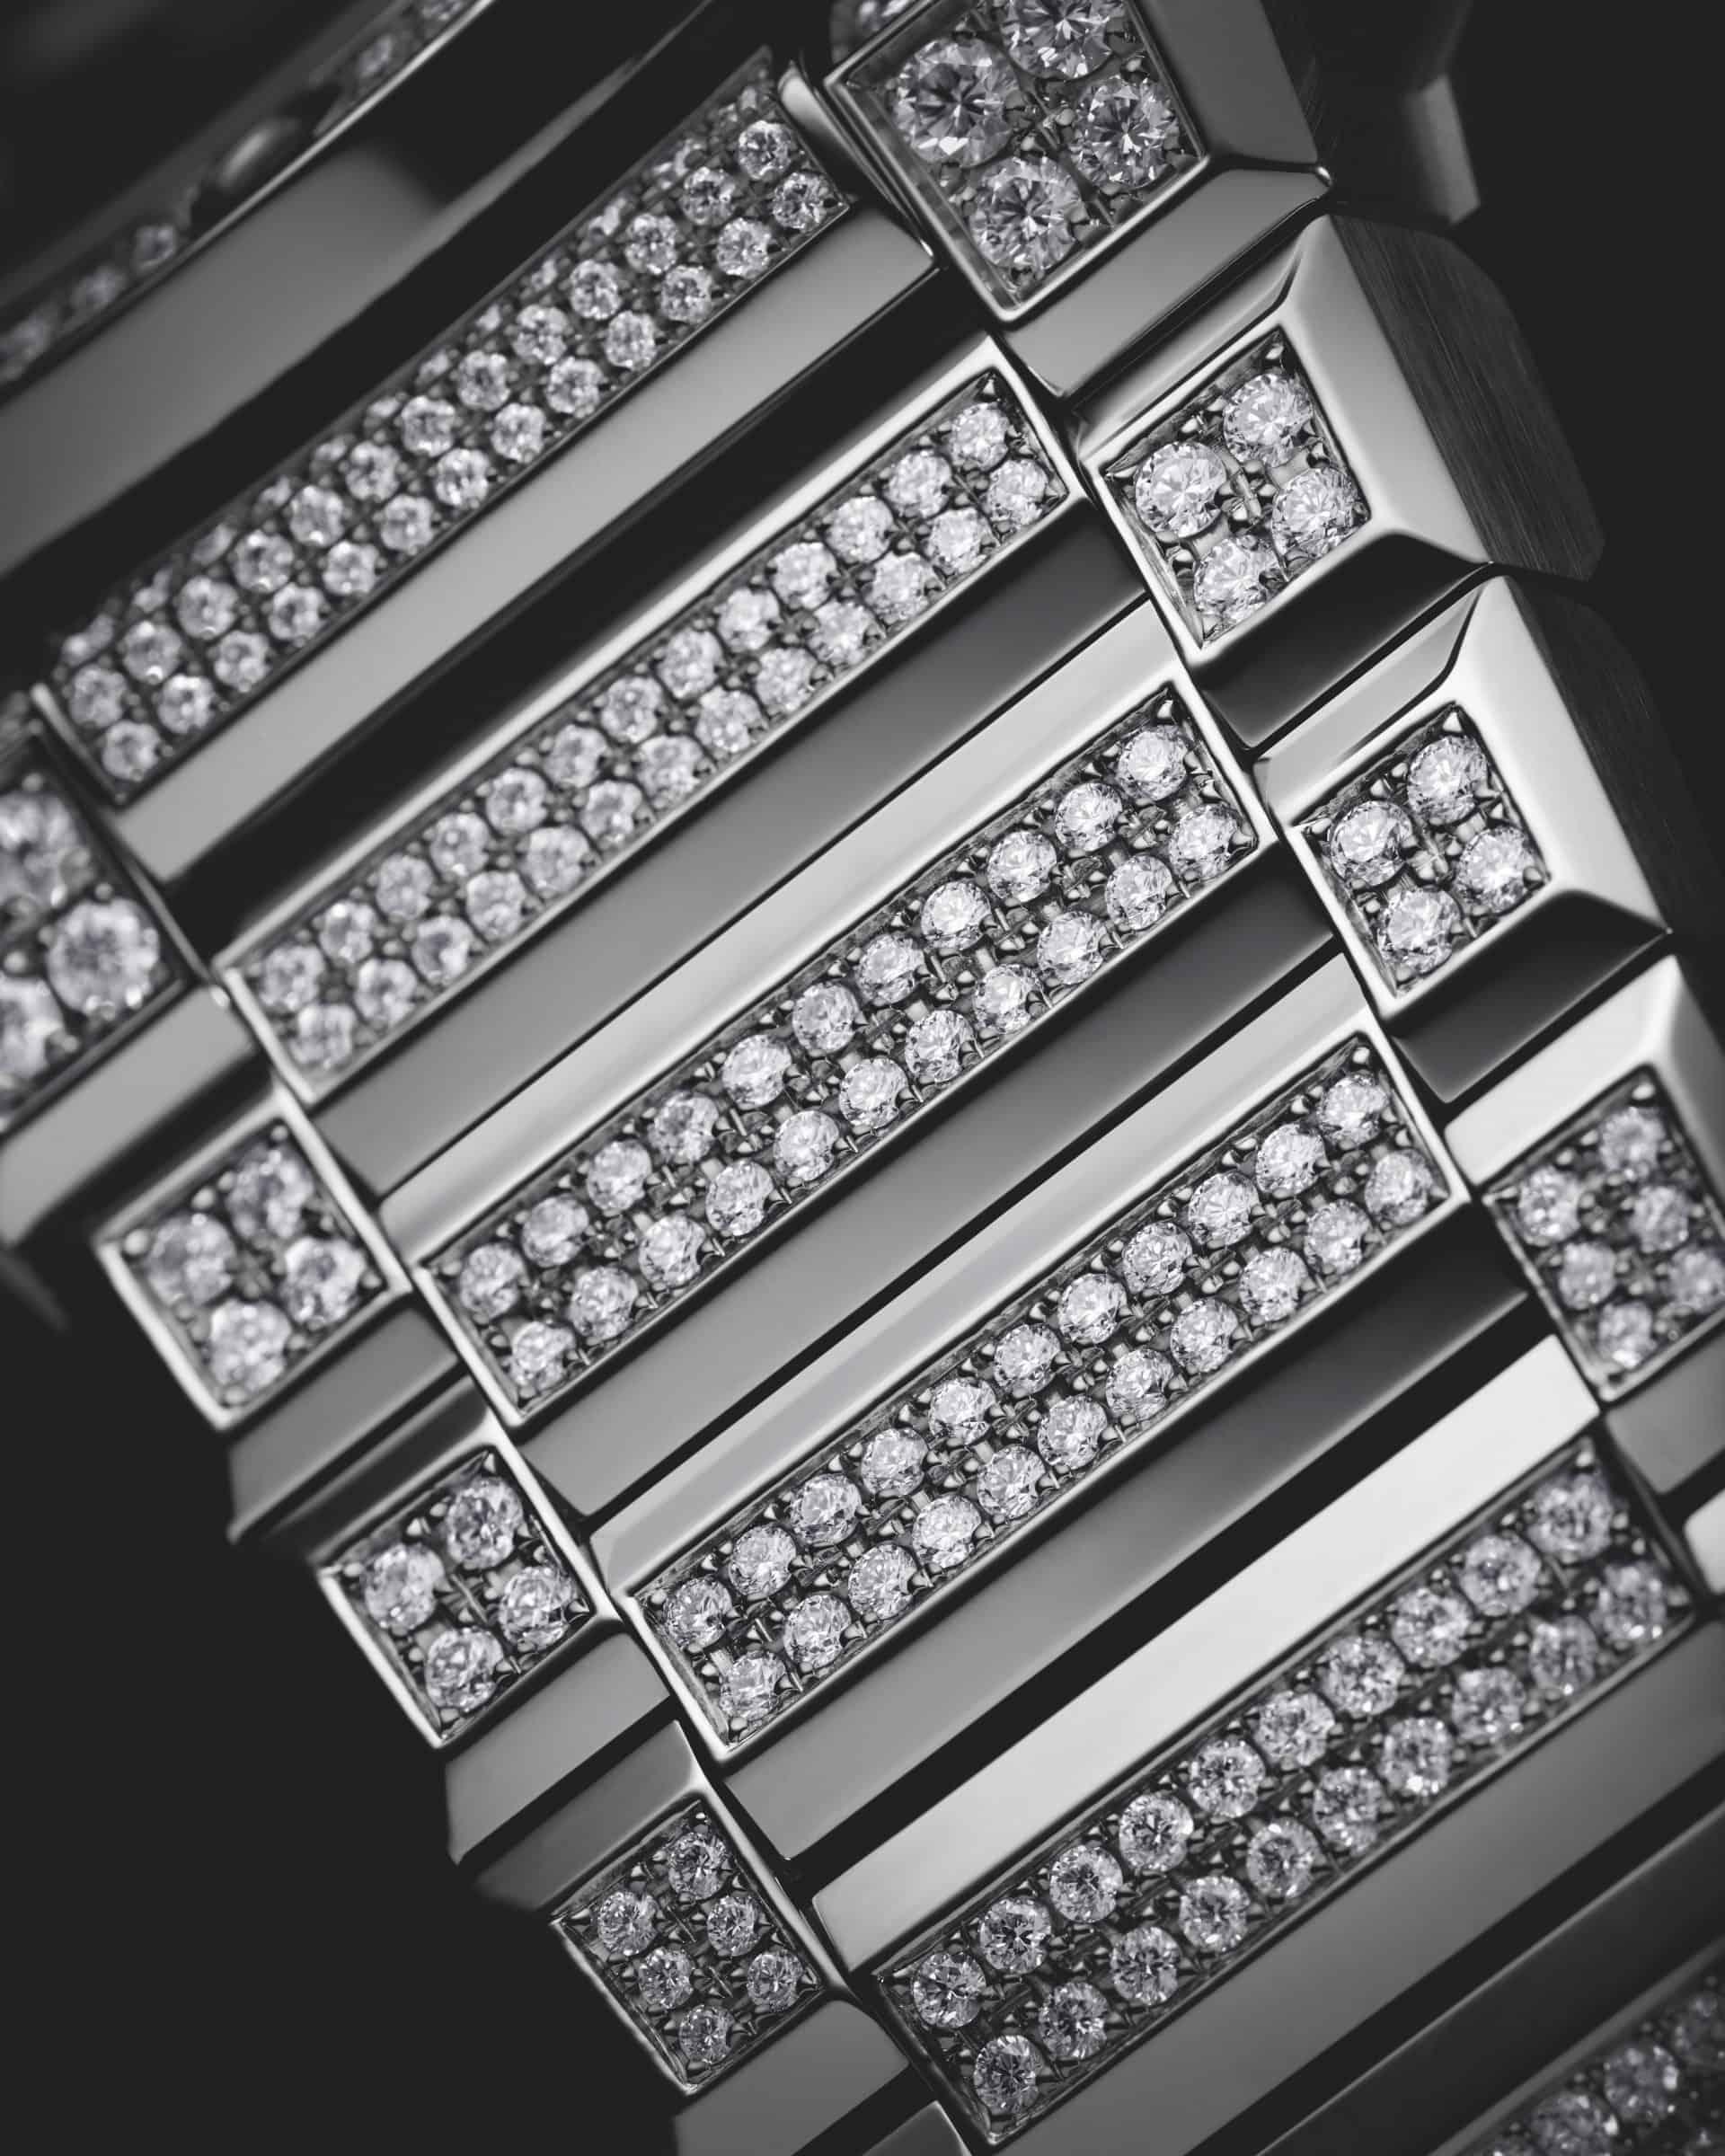 Die dichte Bestückung des Armbands mit Diamanten